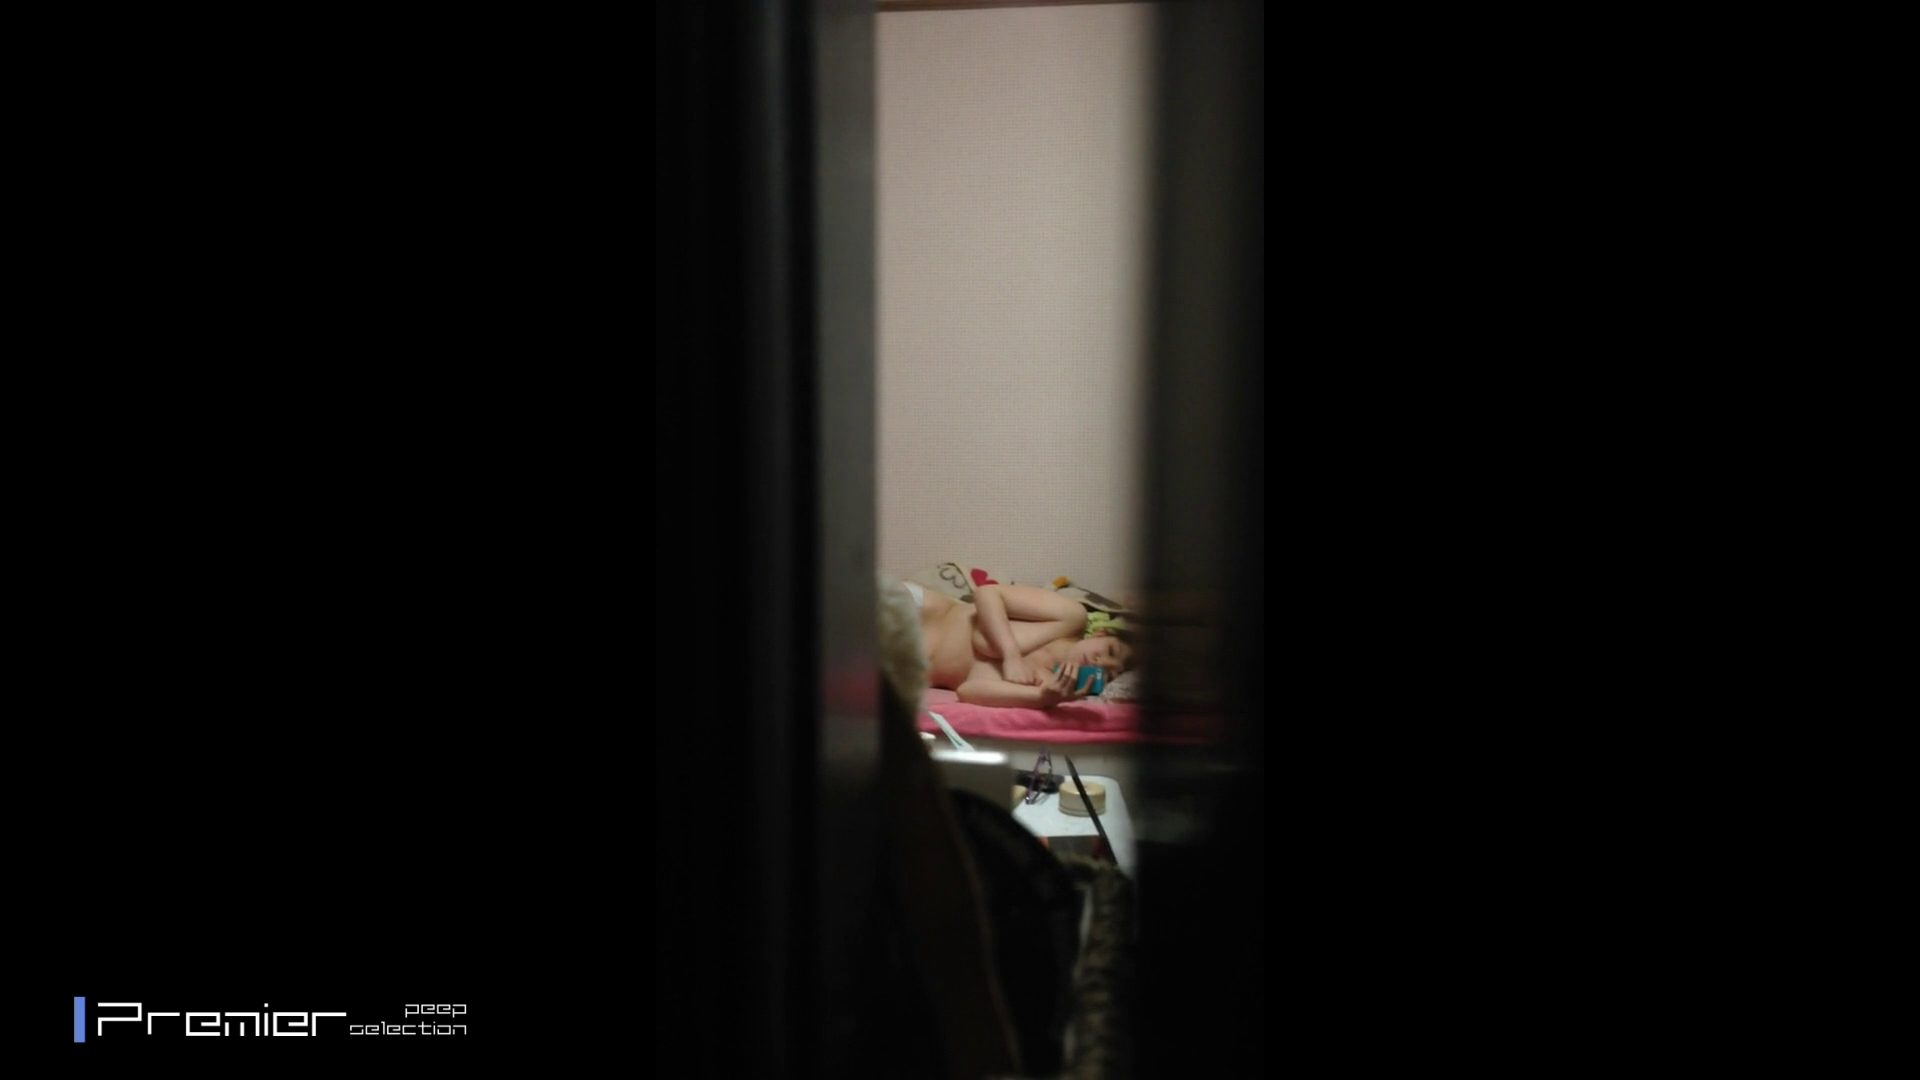 吉祥寺の美容師 エロい休日 美女達の私生活に潜入! 桃色乳首 エロ画像 92枚 88